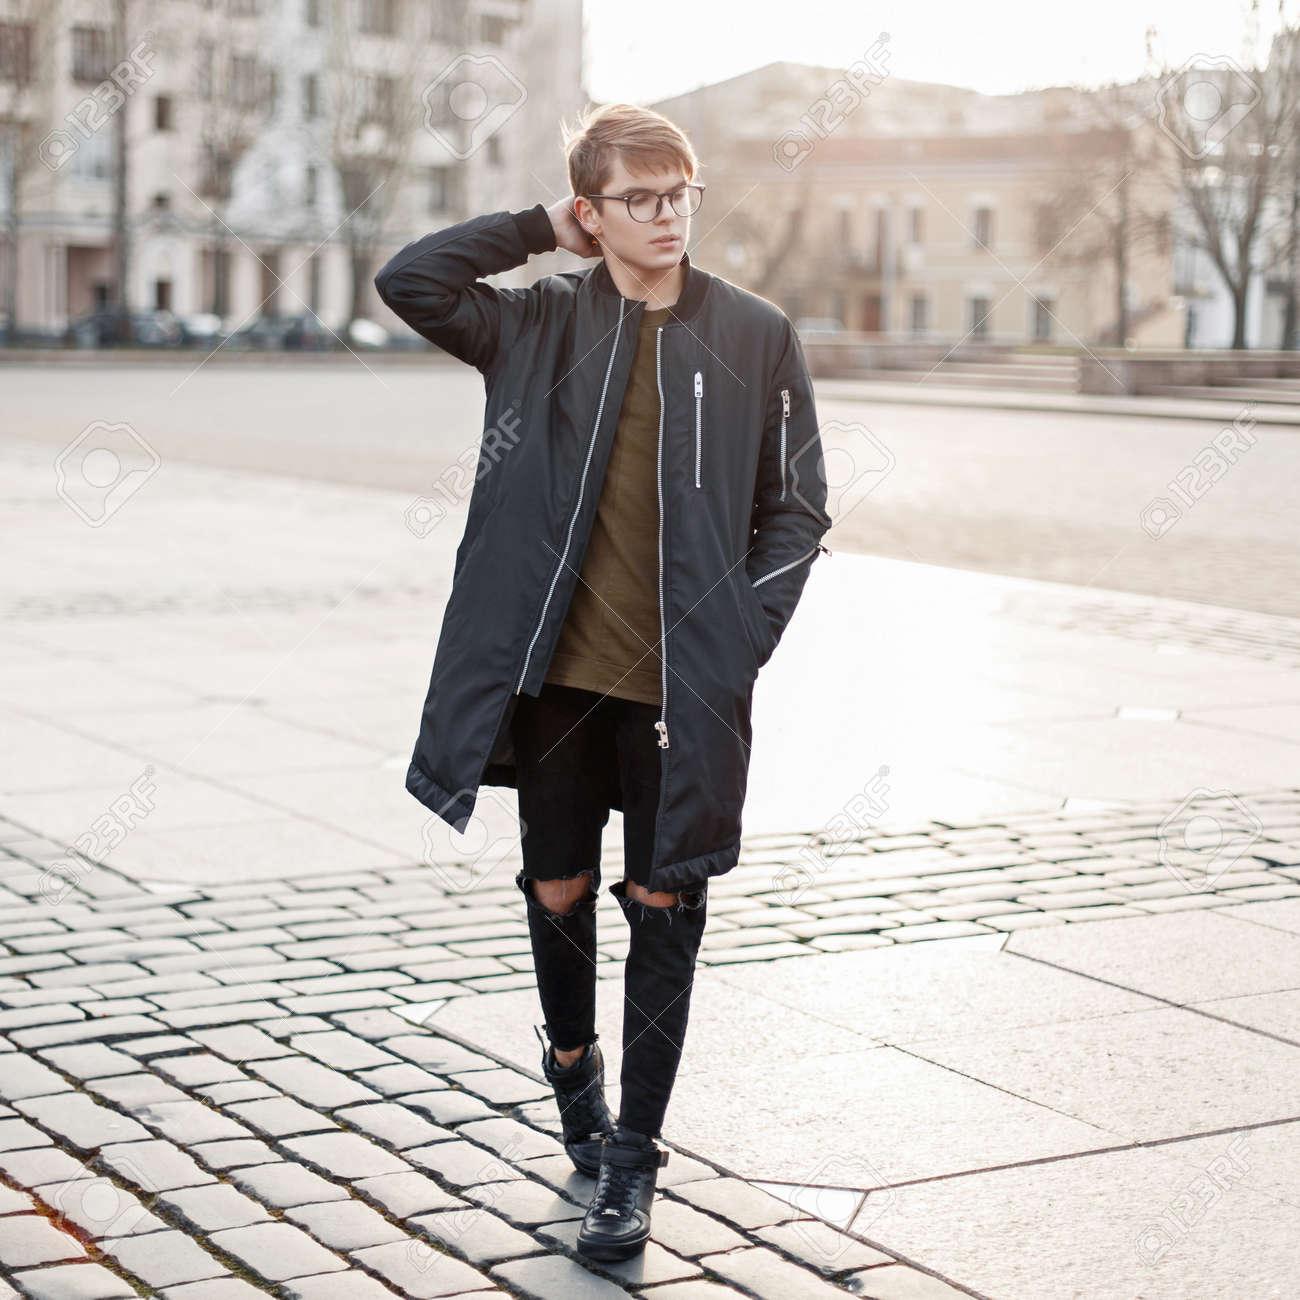 5c559ade0ed Banque d images - Beau jeune homme avec des lunettes dans une veste noire  en jeans déchirés et des chaussures noires traverse la ville